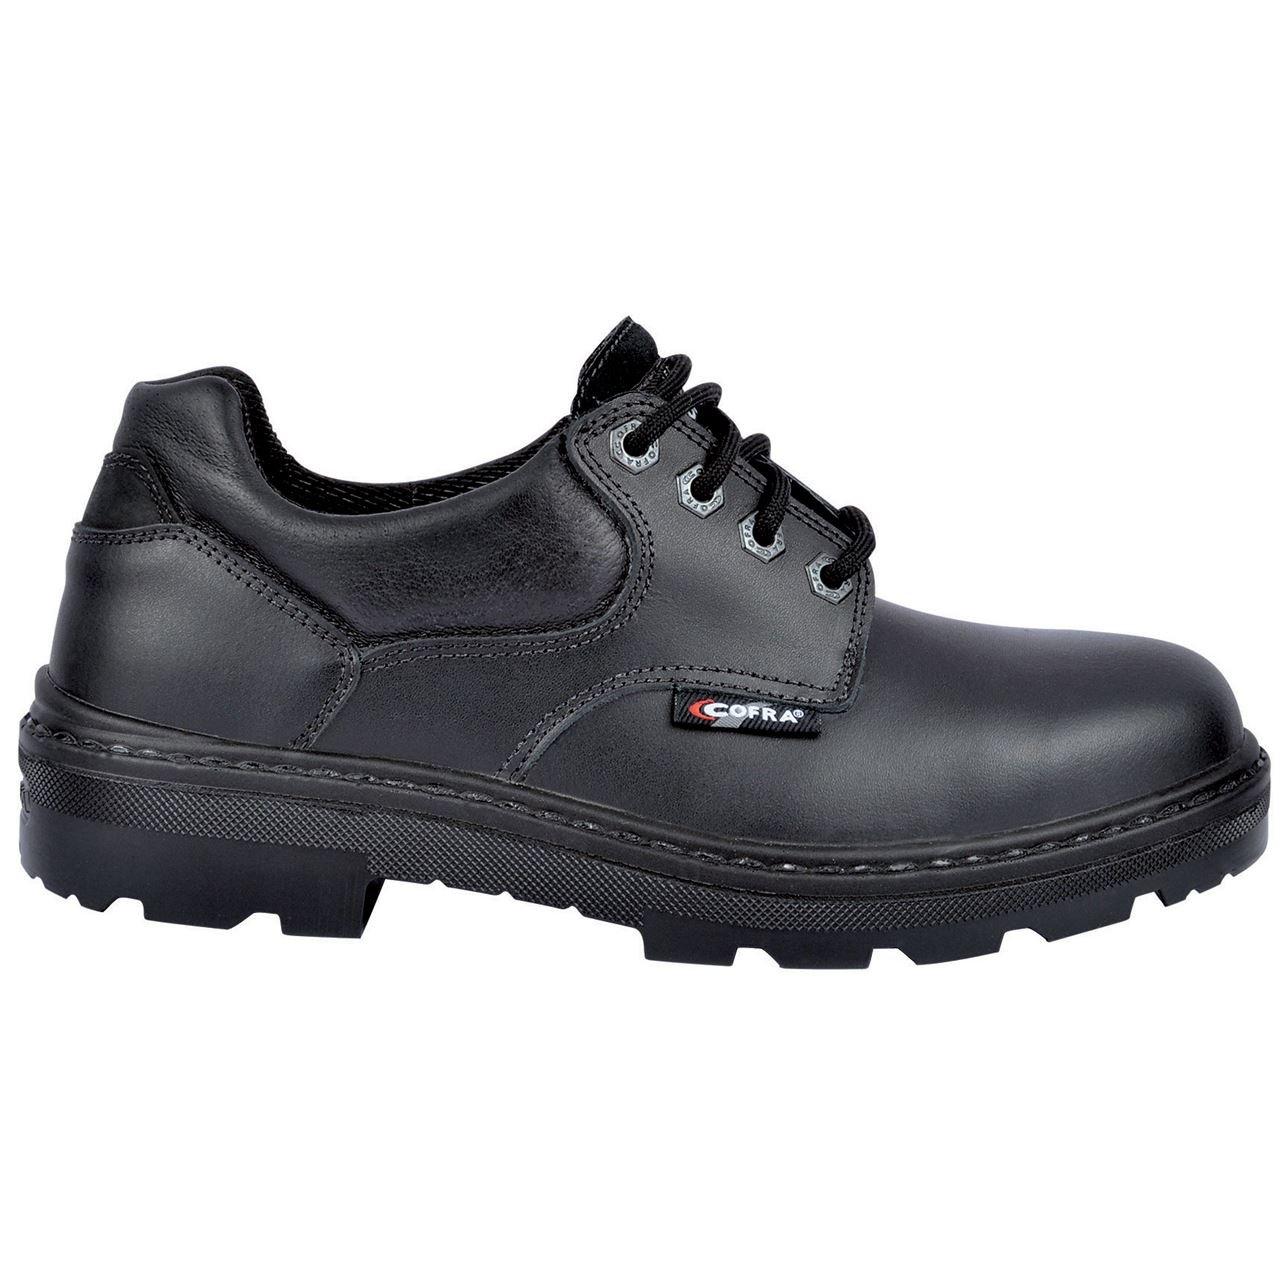 COFRA klein Herren Sicherheit Schuhe atmungsaktiv Wasserabweisendes Obermaterial S3 Arbeit Schuhe Schuhe Arbeit Schwarz e75047